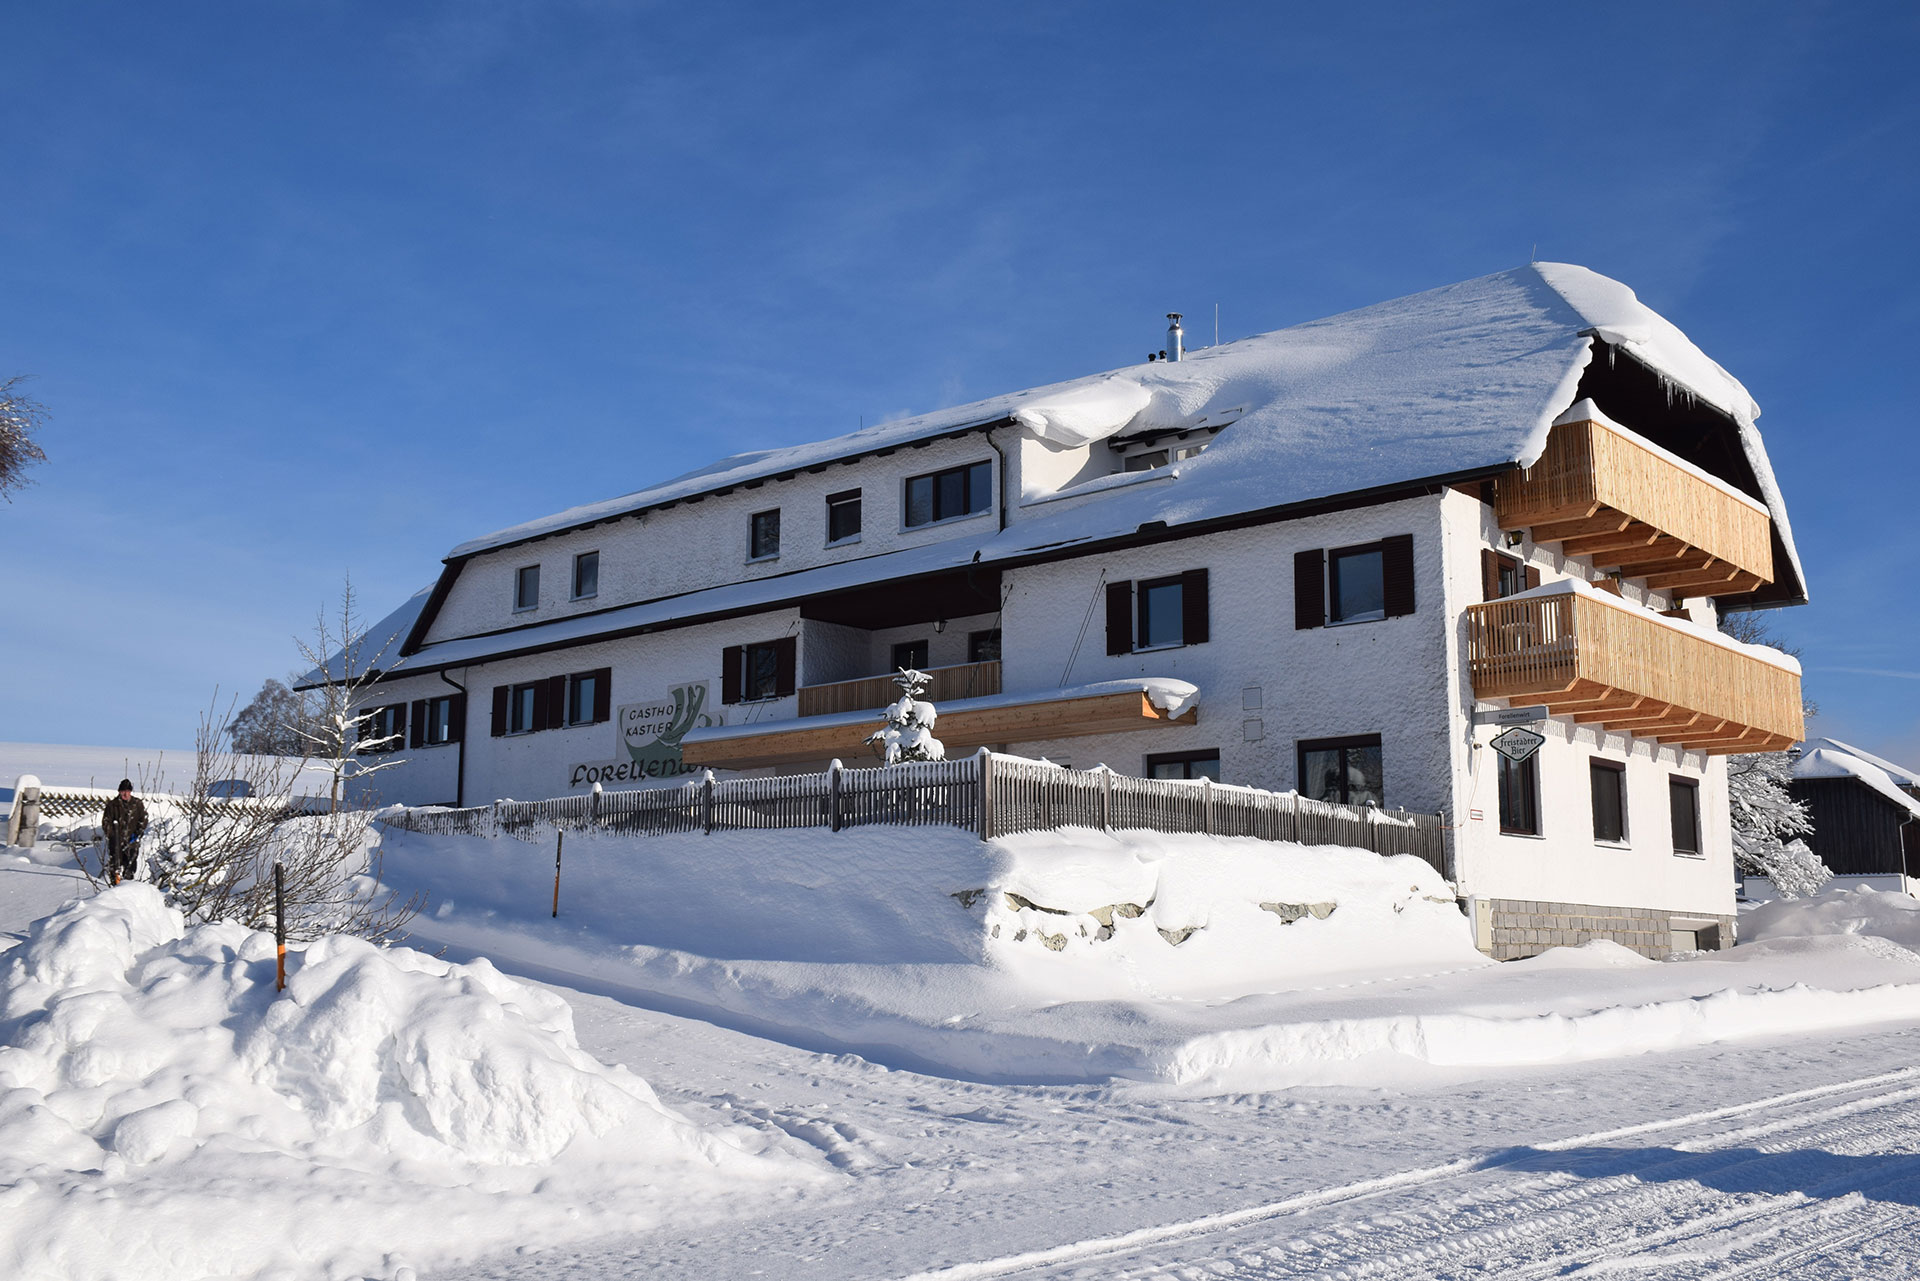 Winterurlaub Oberösterreich - Langlaufen - Forellenwirt in Mitterbach - Winter 2019